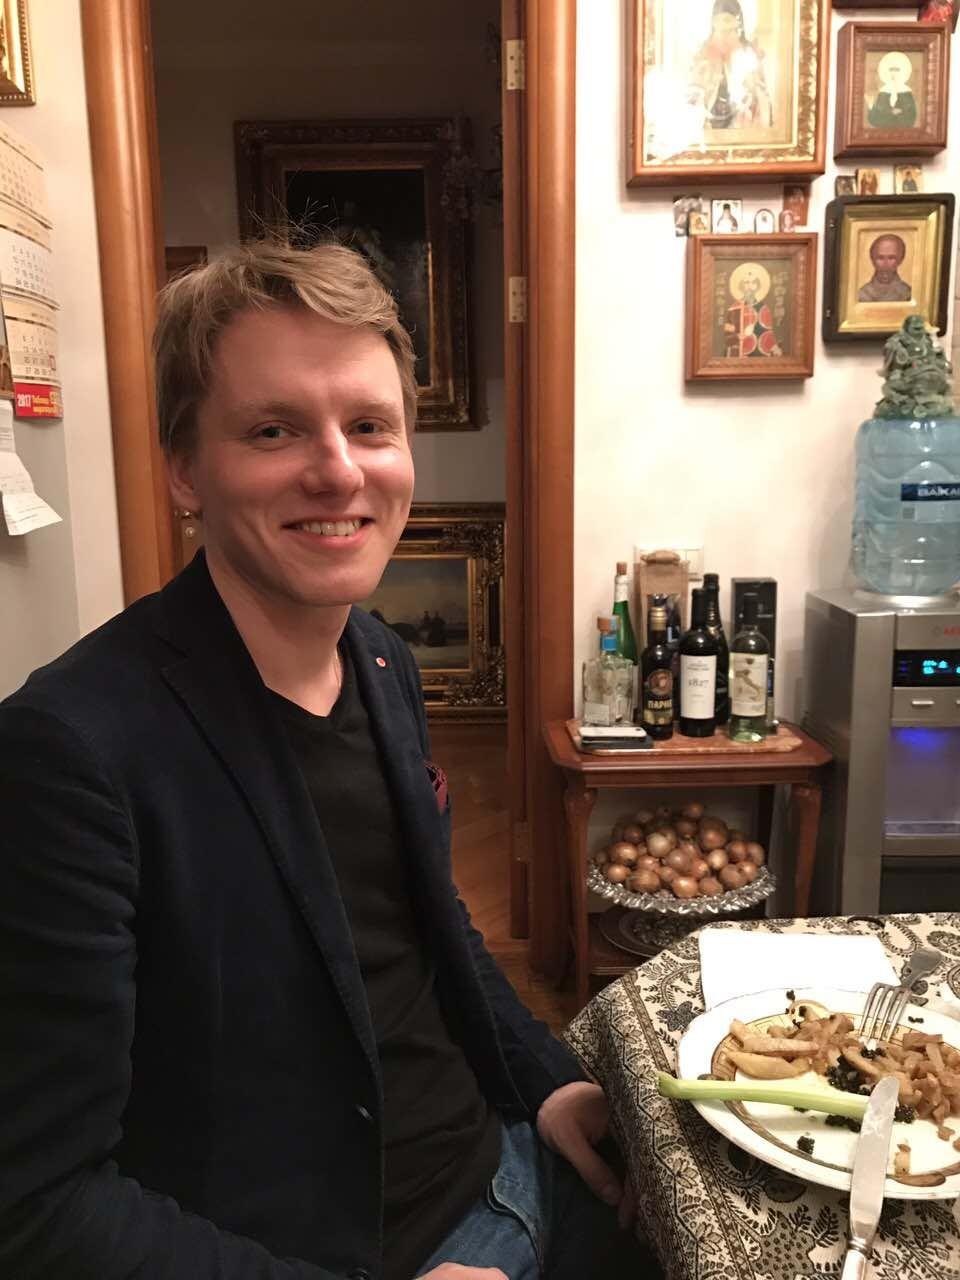 Русскому музыканту швейцарцы не дают визу